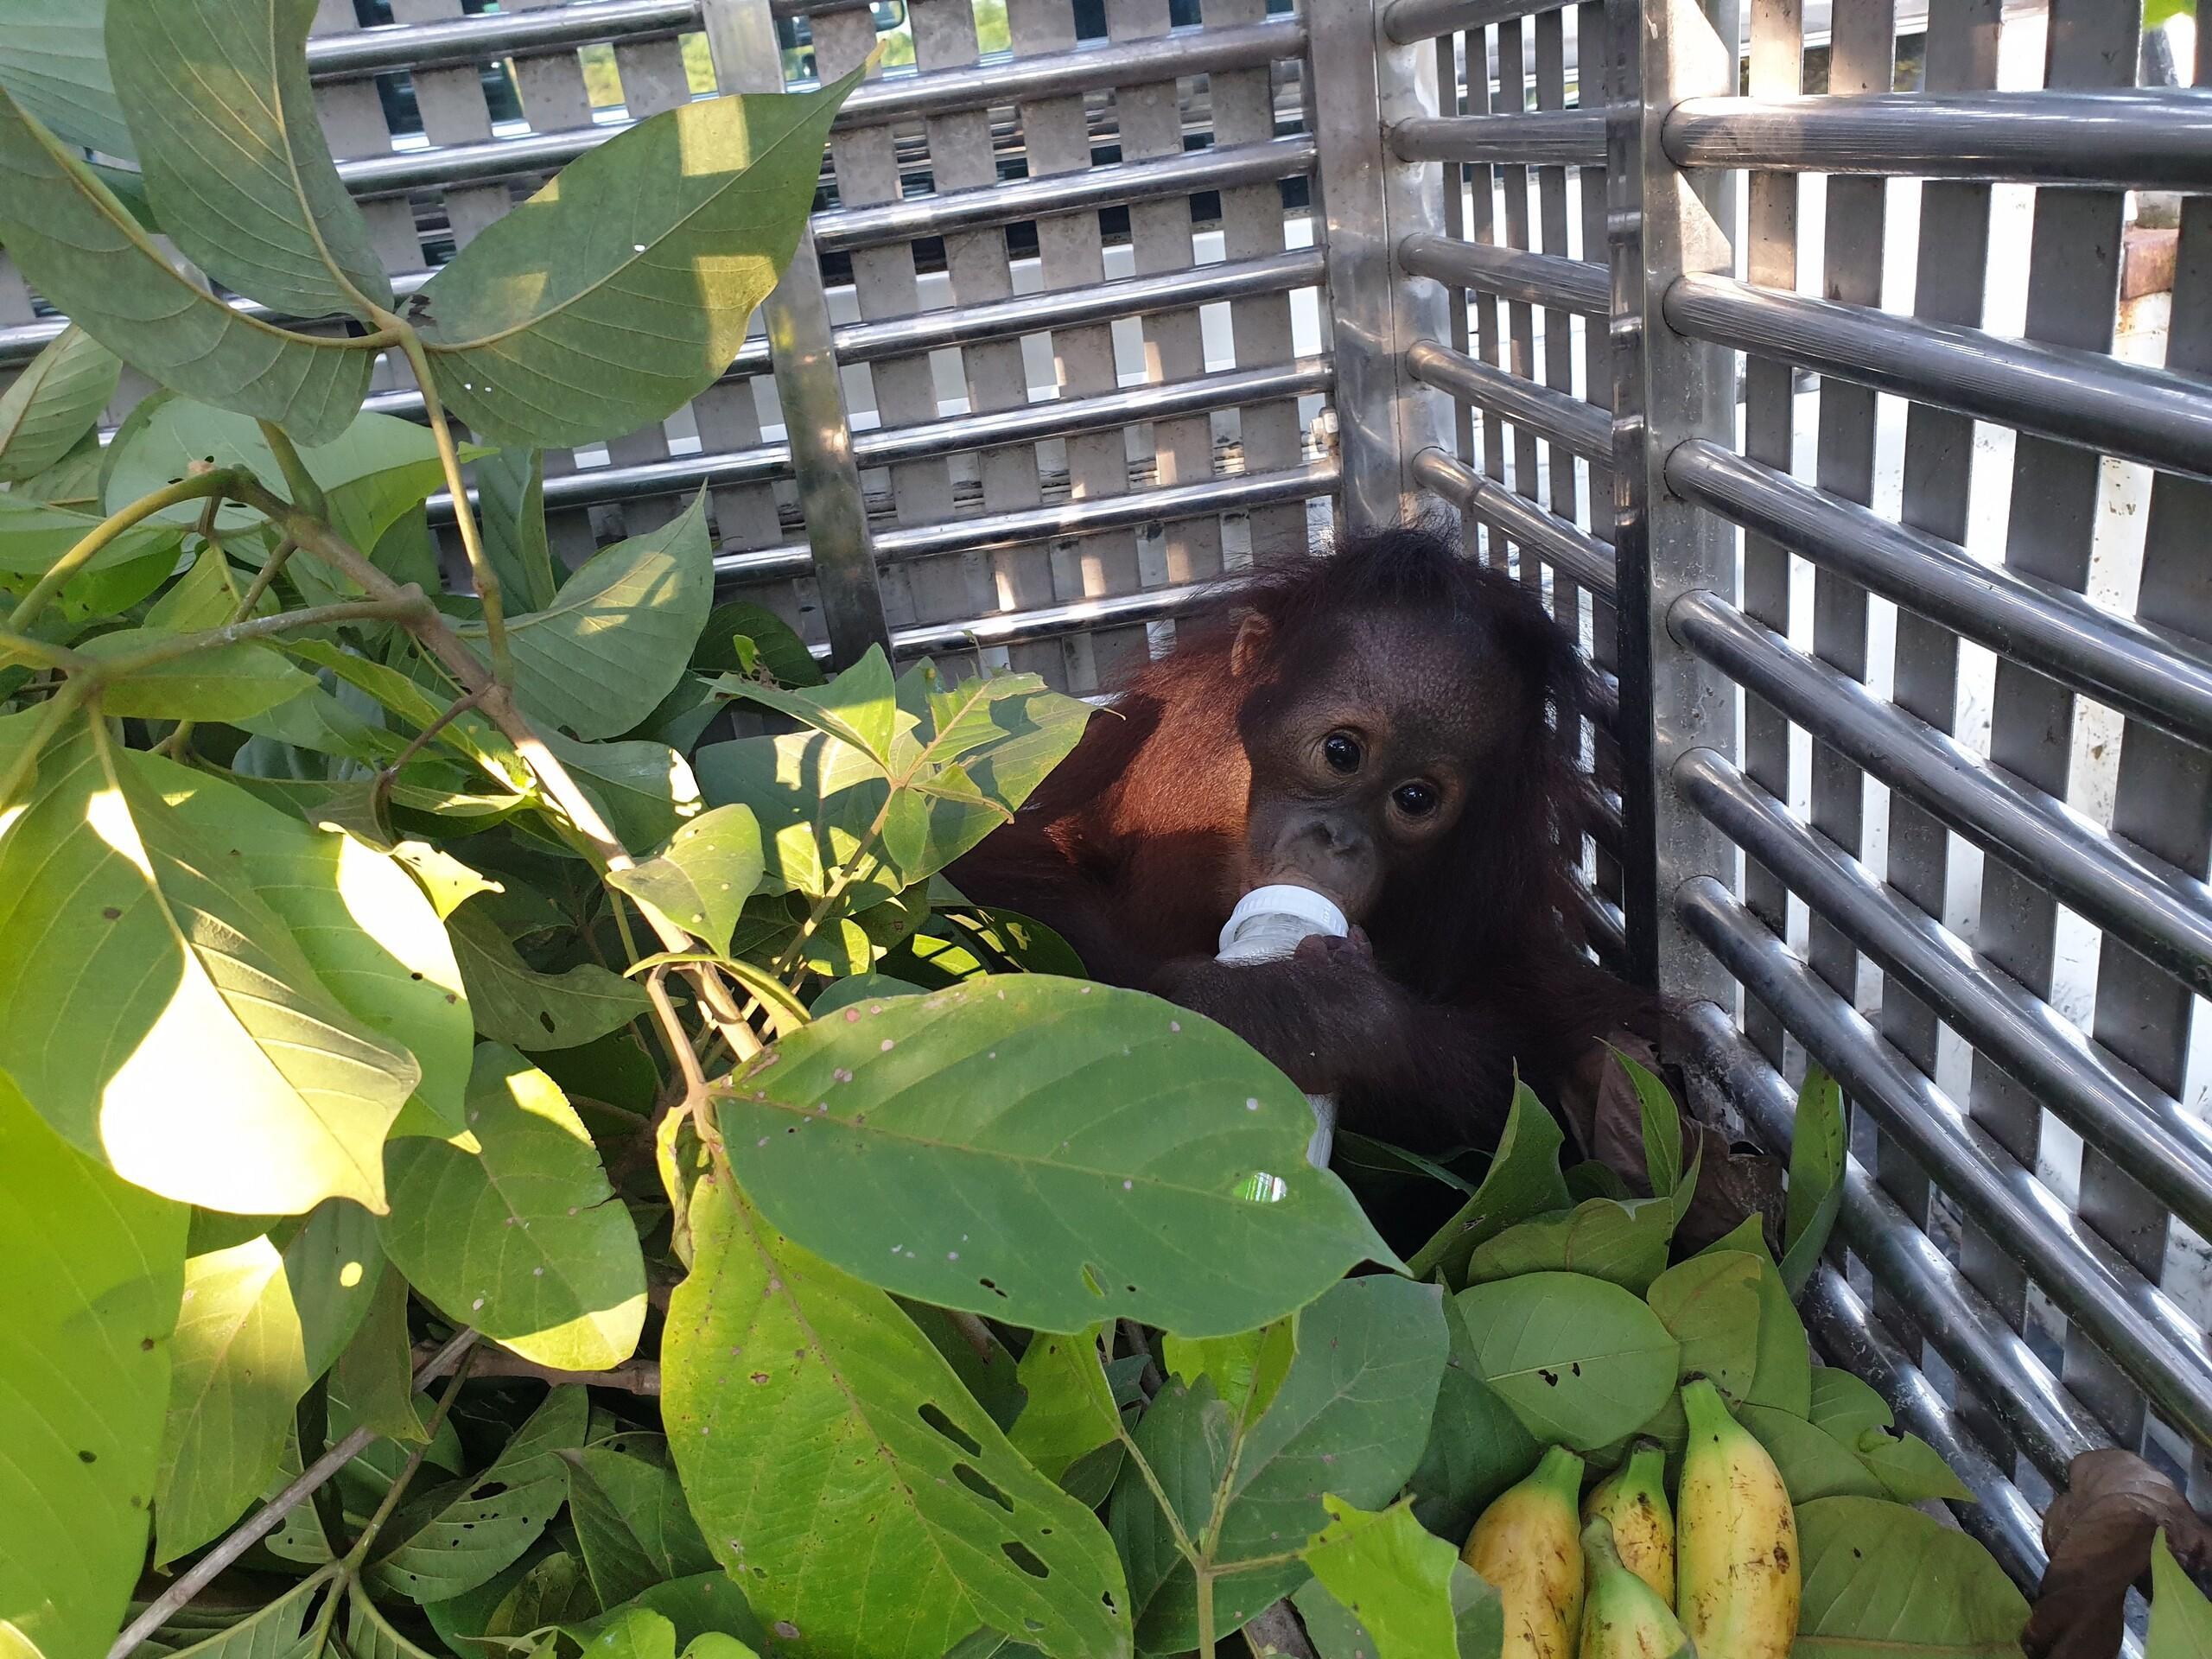 Das Orang-Utan Baby ist mit dem Fläschchen schon ein Profi